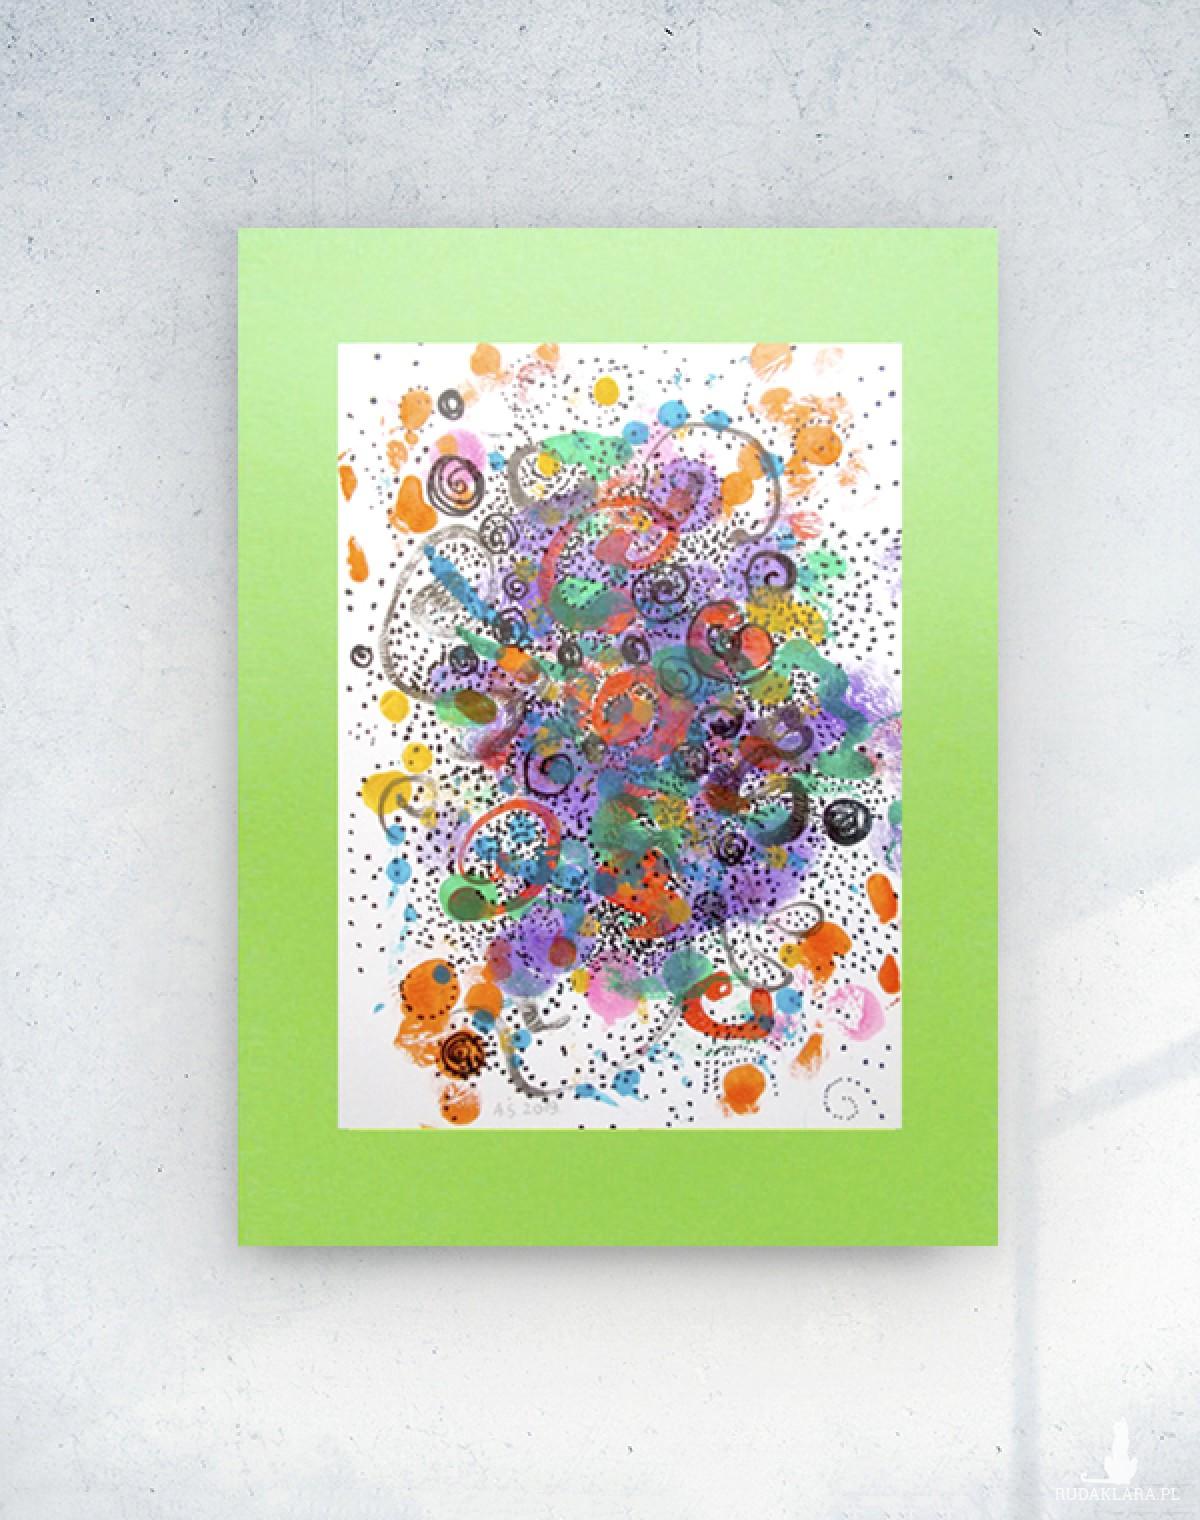 kolorowa grafika do salonu, ładna abstrakcja malowana ręcznie, nowoczesny rysunek na ścianę